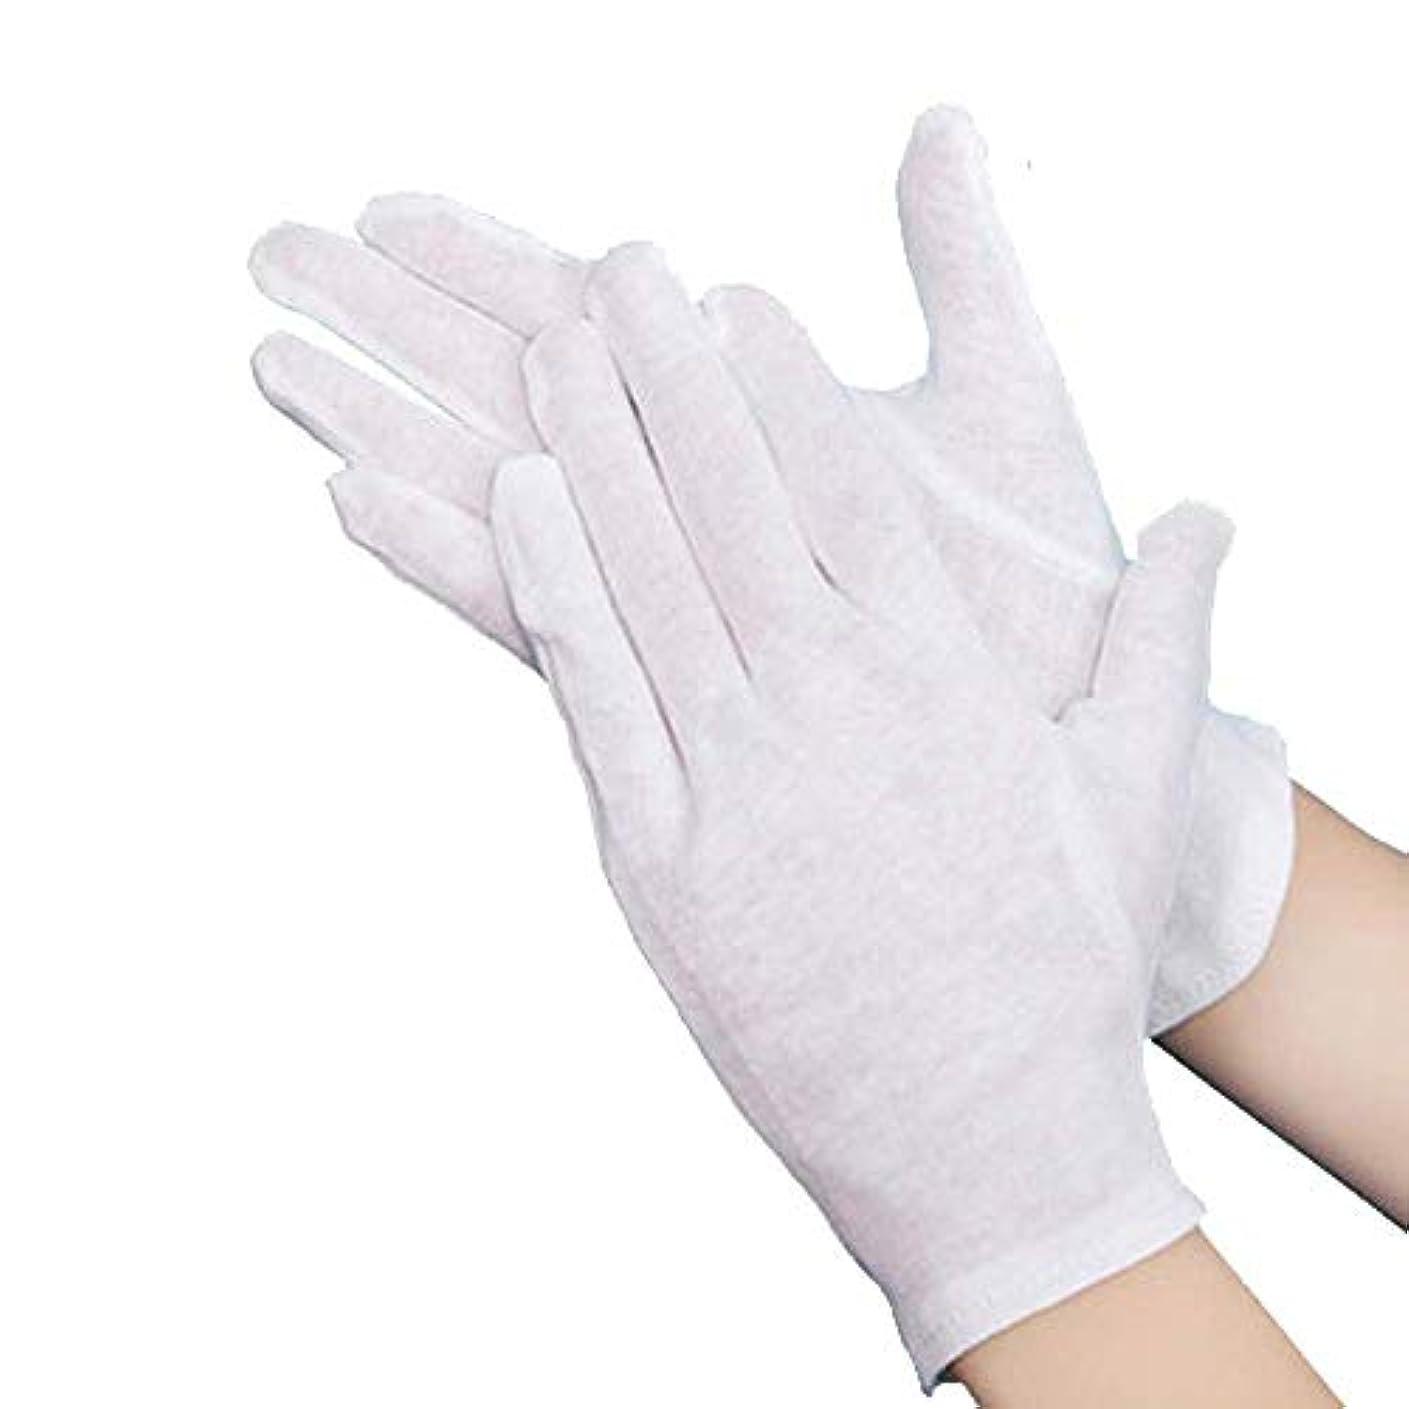 販売計画土曜日させる綿手袋 純綿100%通気性耐久性が強い上に軽く高品質吸汗性が优秀ふんわりとした肌触り10双組